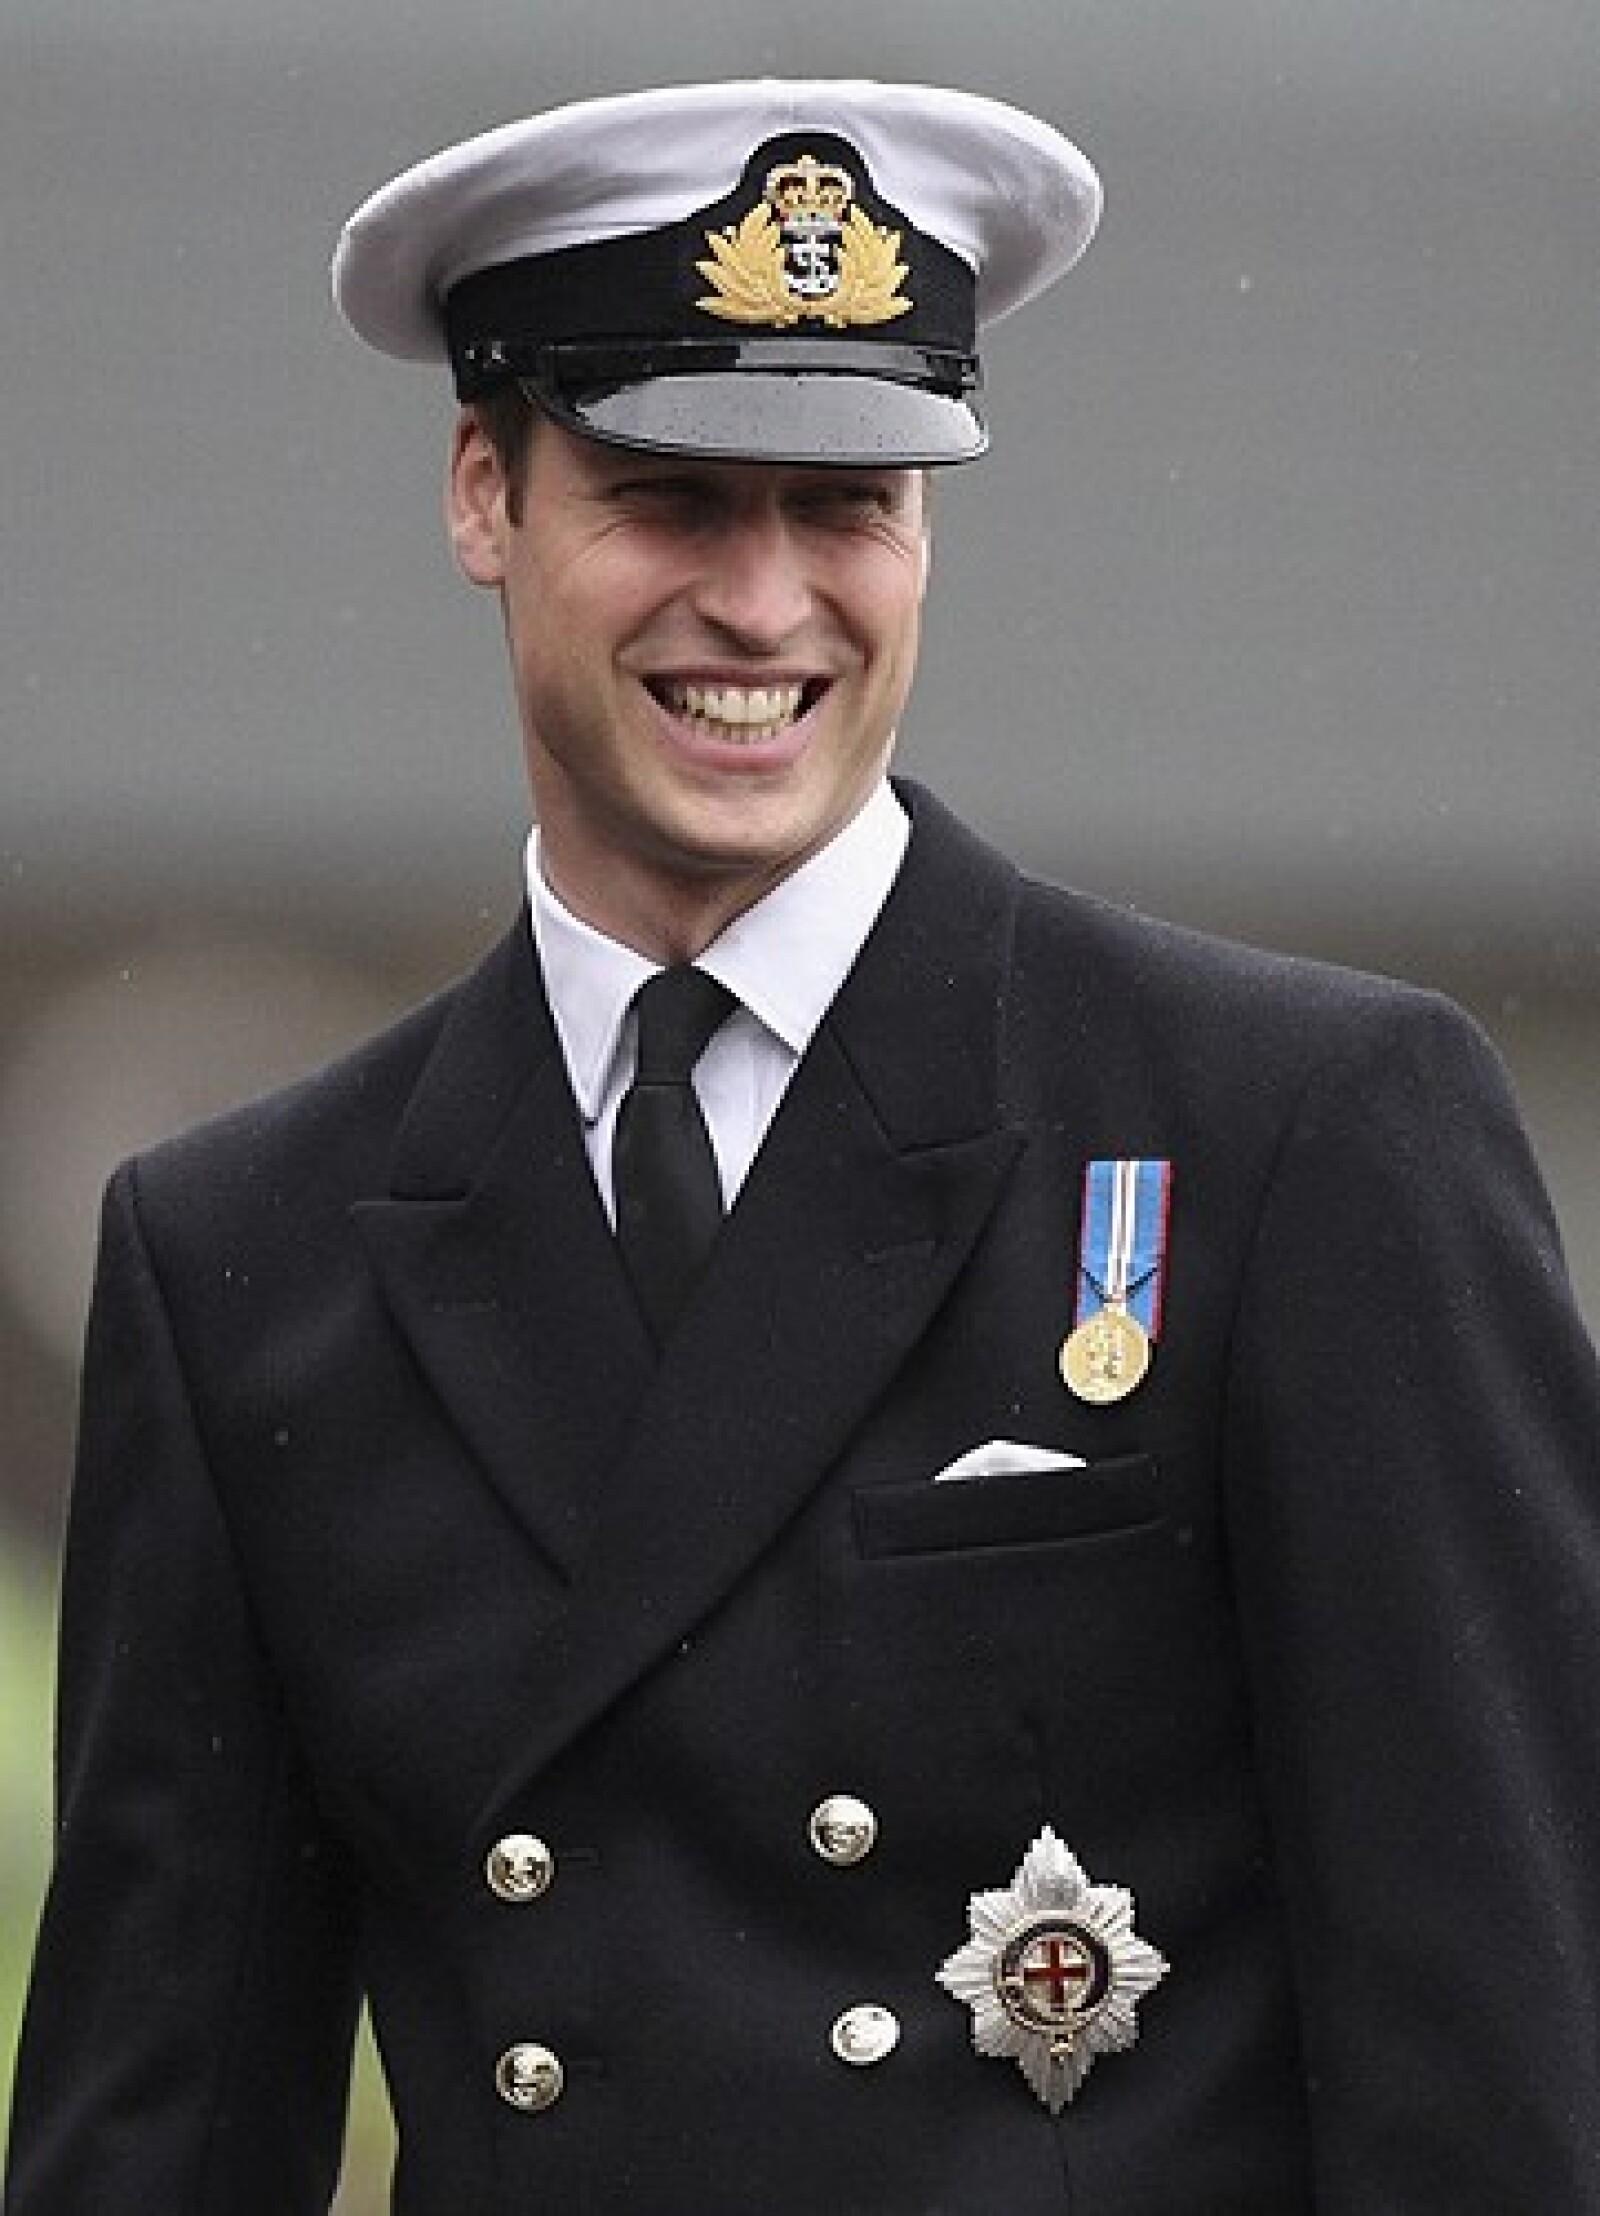 UN traje militar siempre le da un toque más sexy a los príncipes.